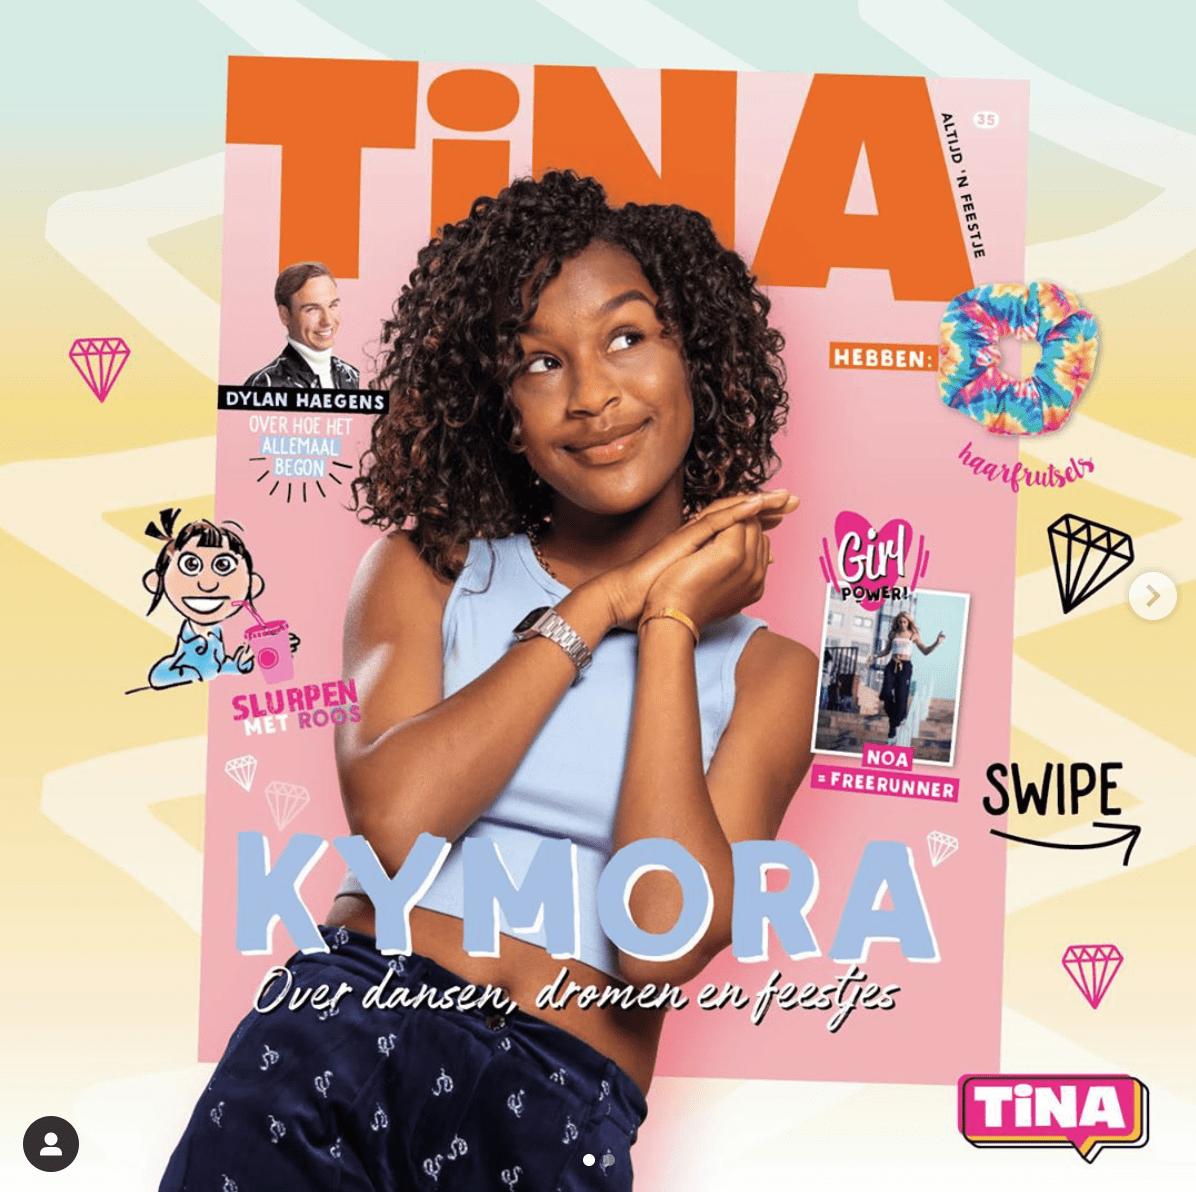 tina-tijdschrift-cover-kymora-sade